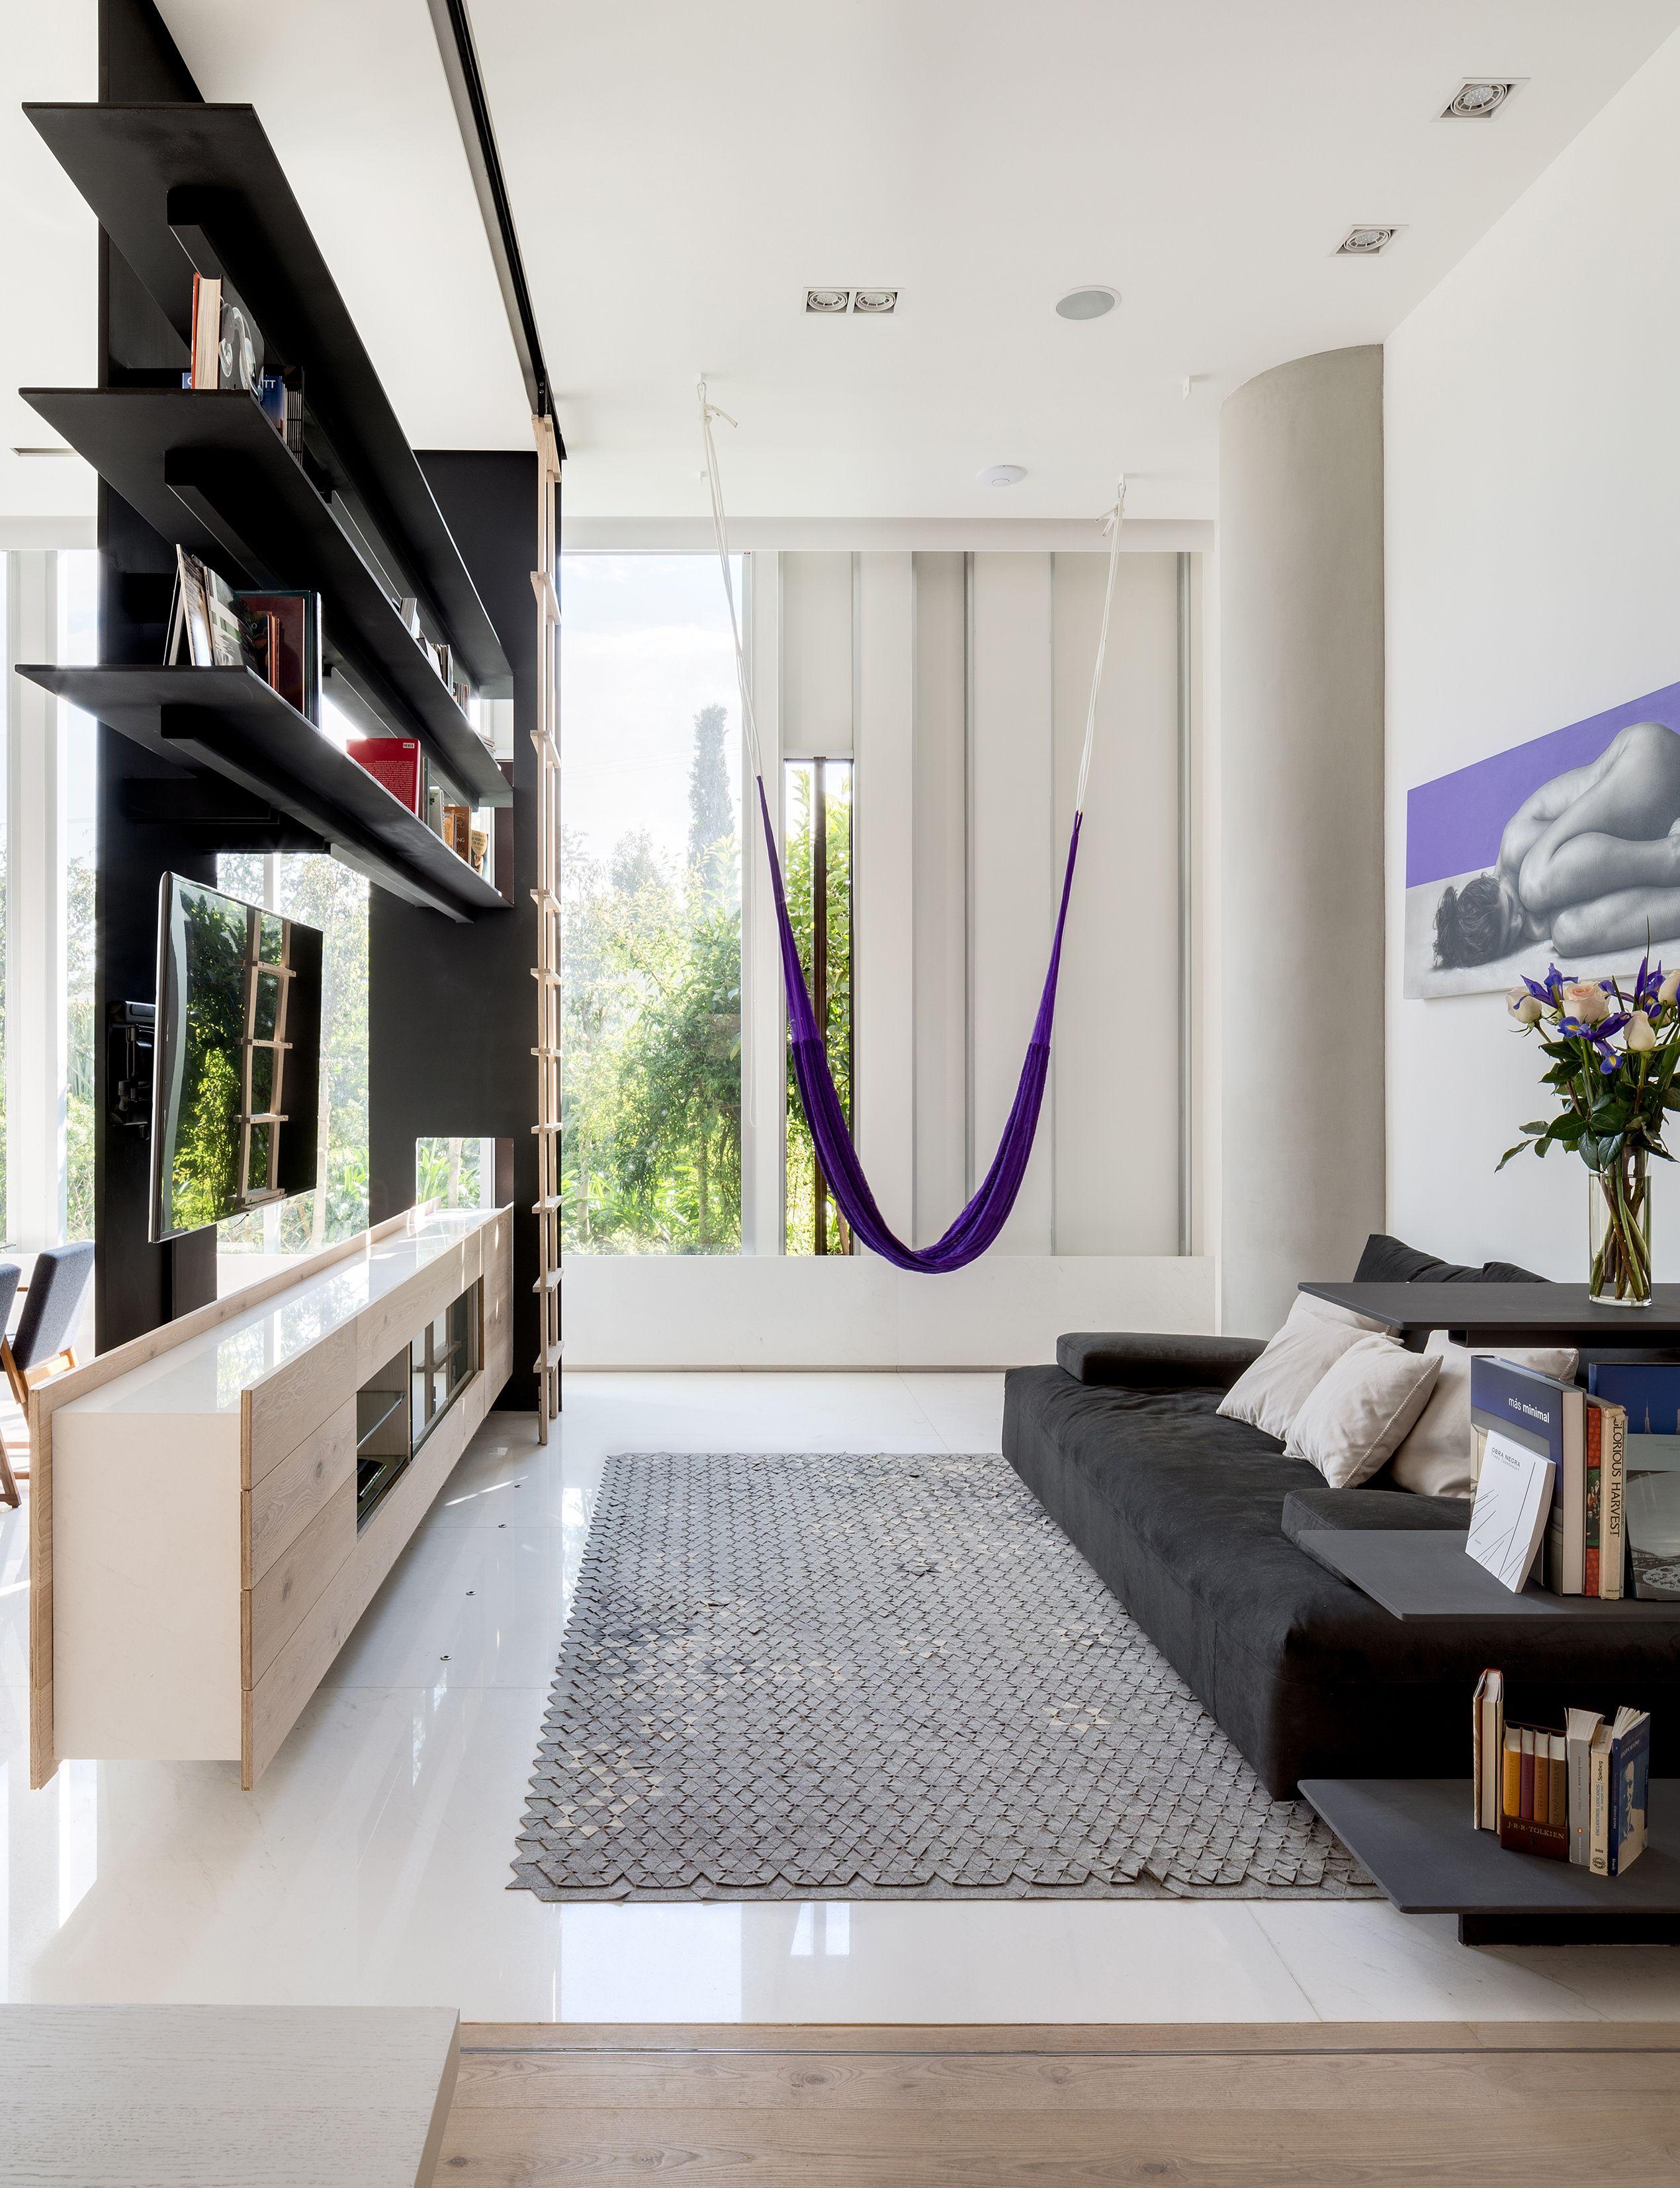 Dise o interior residencial departamento gh mild gh for Diseno interior departamento